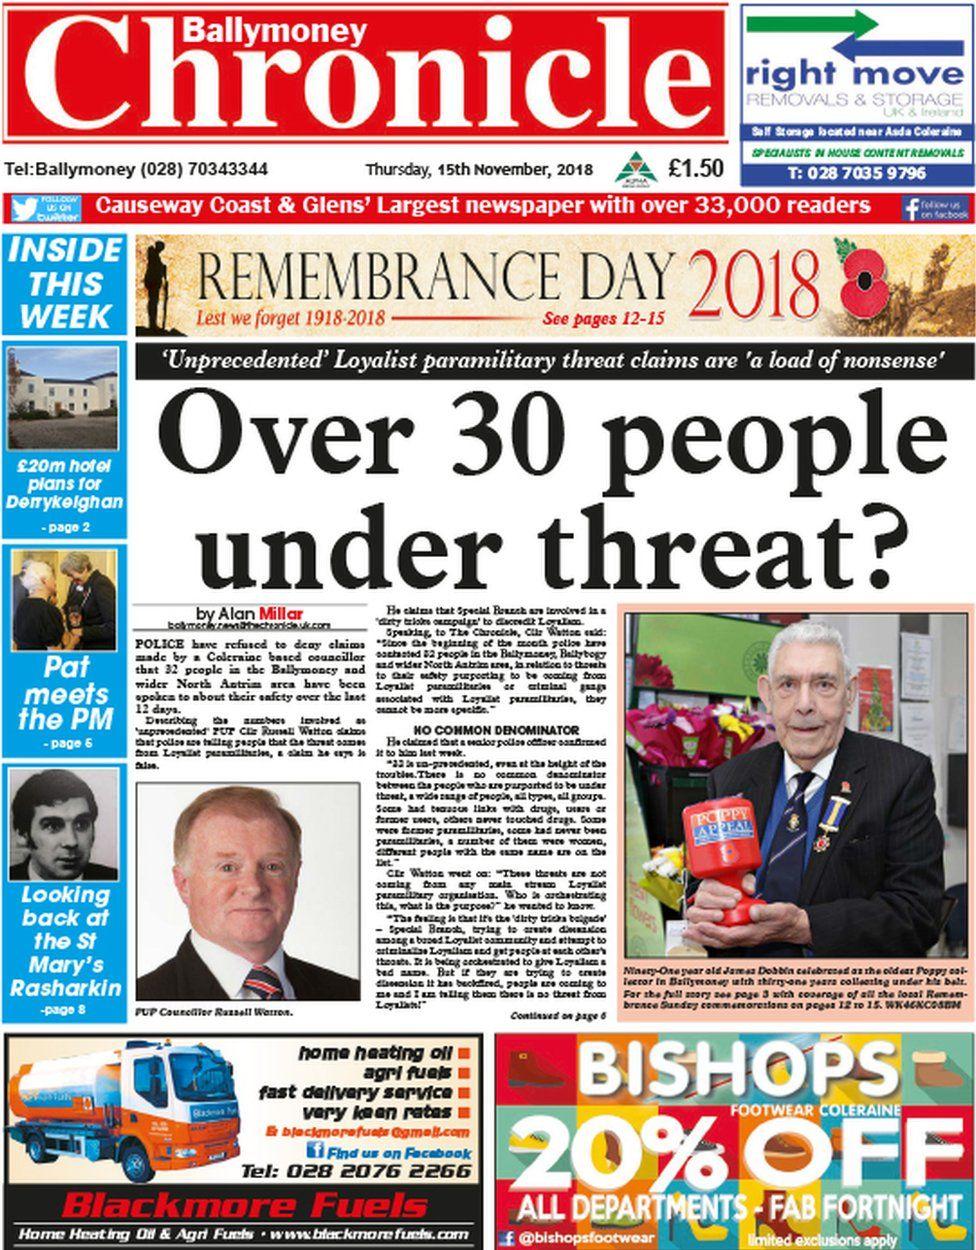 Ballymoney Chronicle